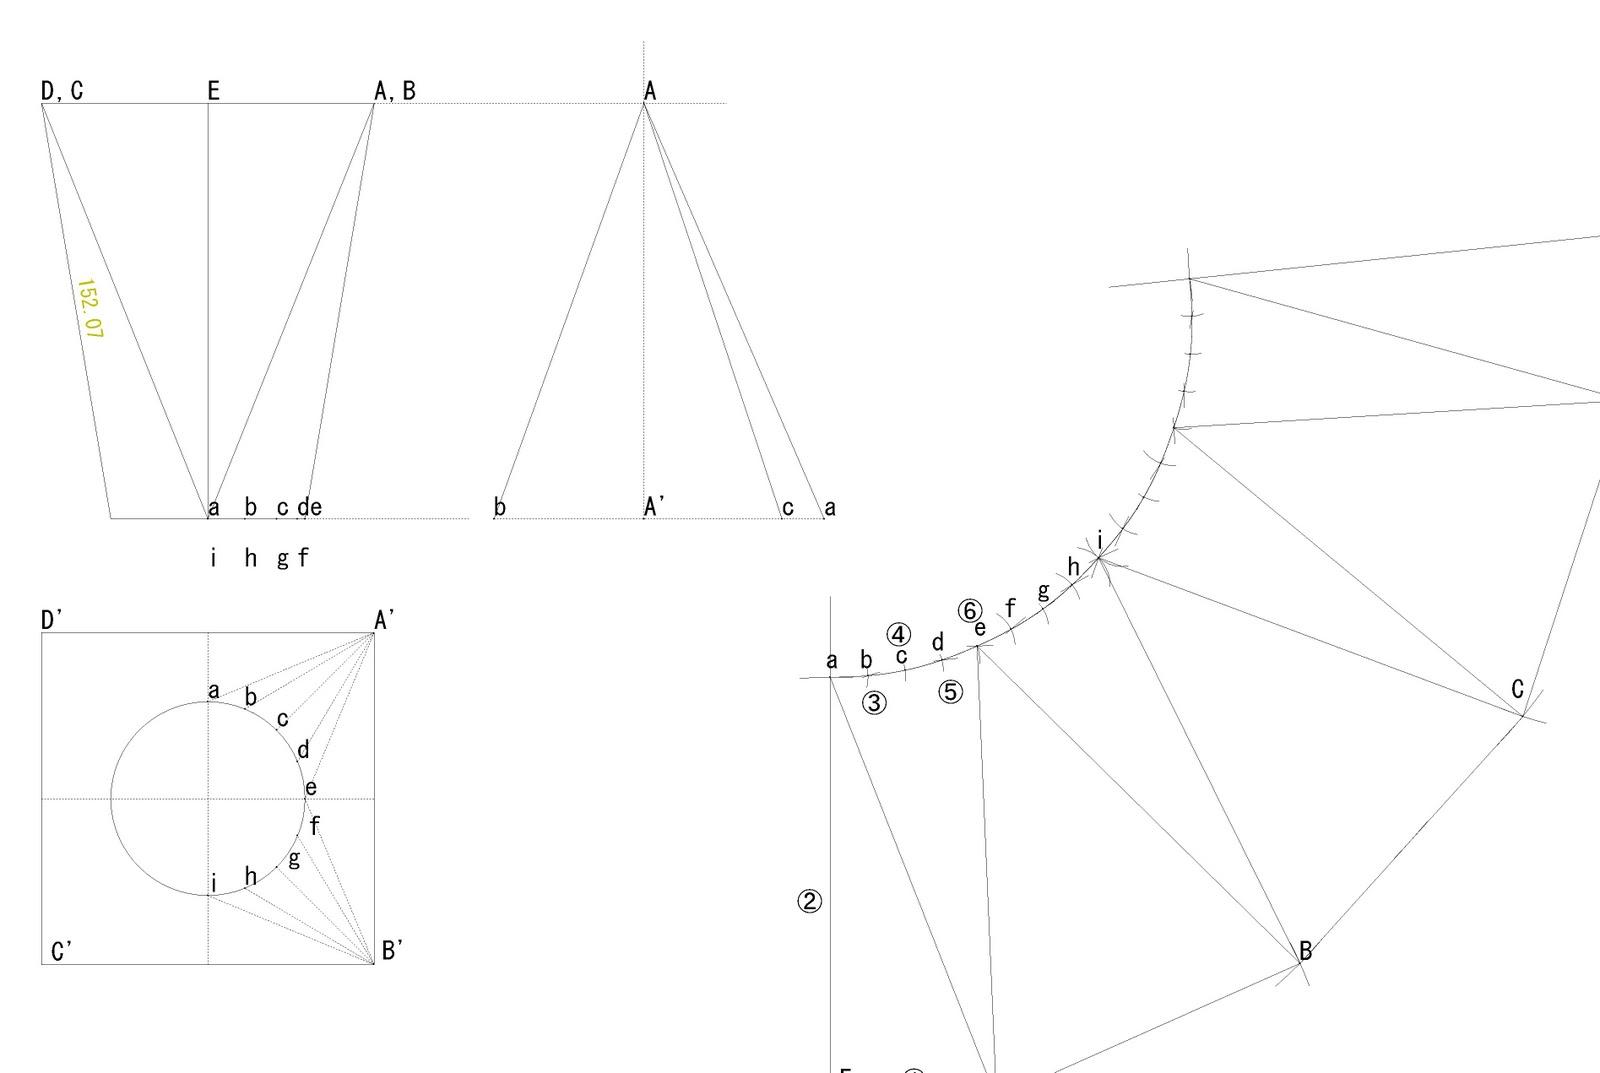 板金板取展開図 - 機能紹介 | CADTOOL板金展開9